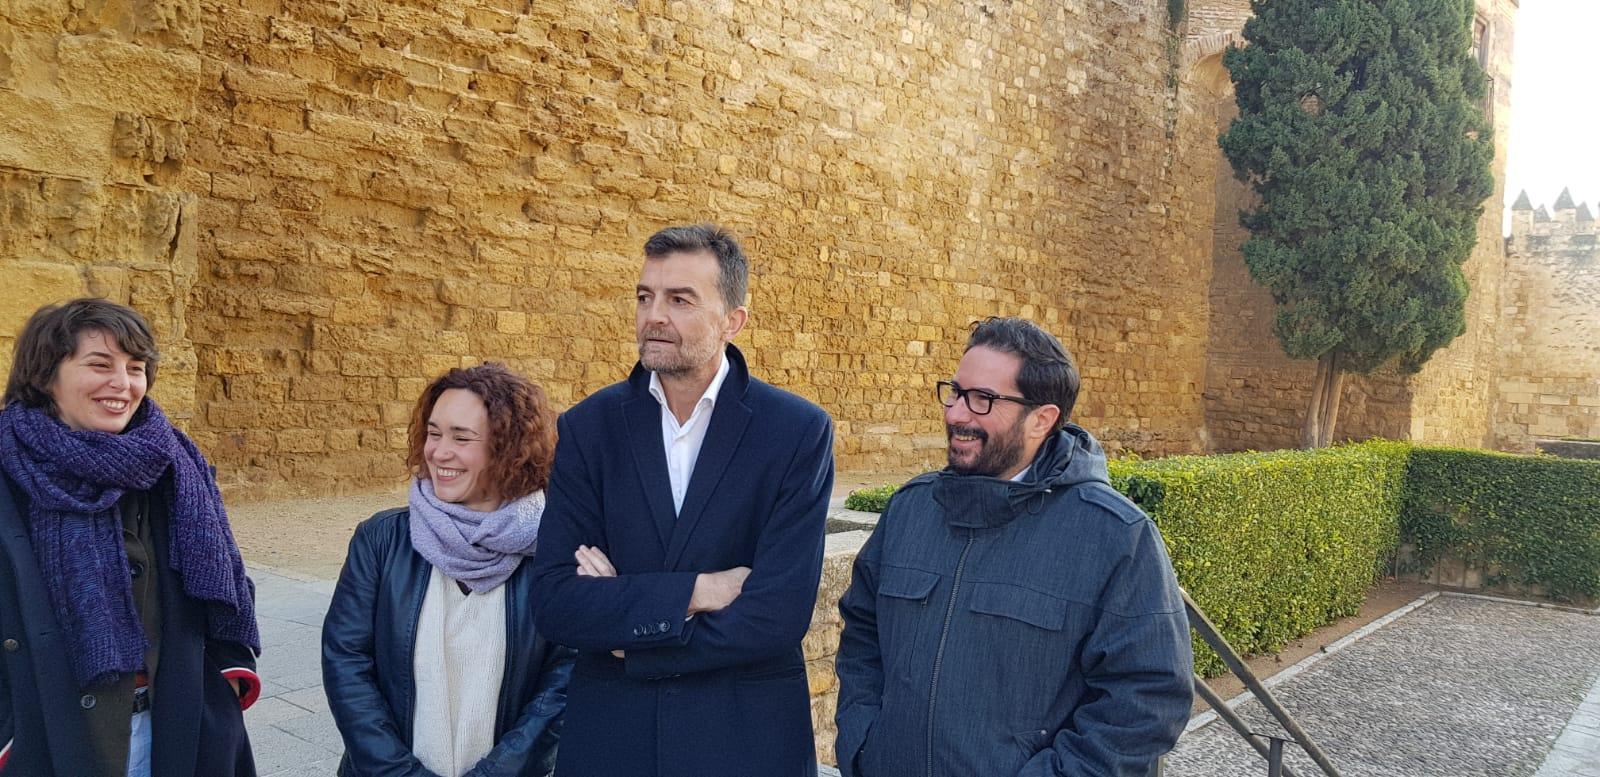 """Maíllo: """"Frente a la liturgia o teatralización de supuestas discrepancias hay un blindaje de unas derechas que van a conjurarse para gobernar en Andalucía"""""""